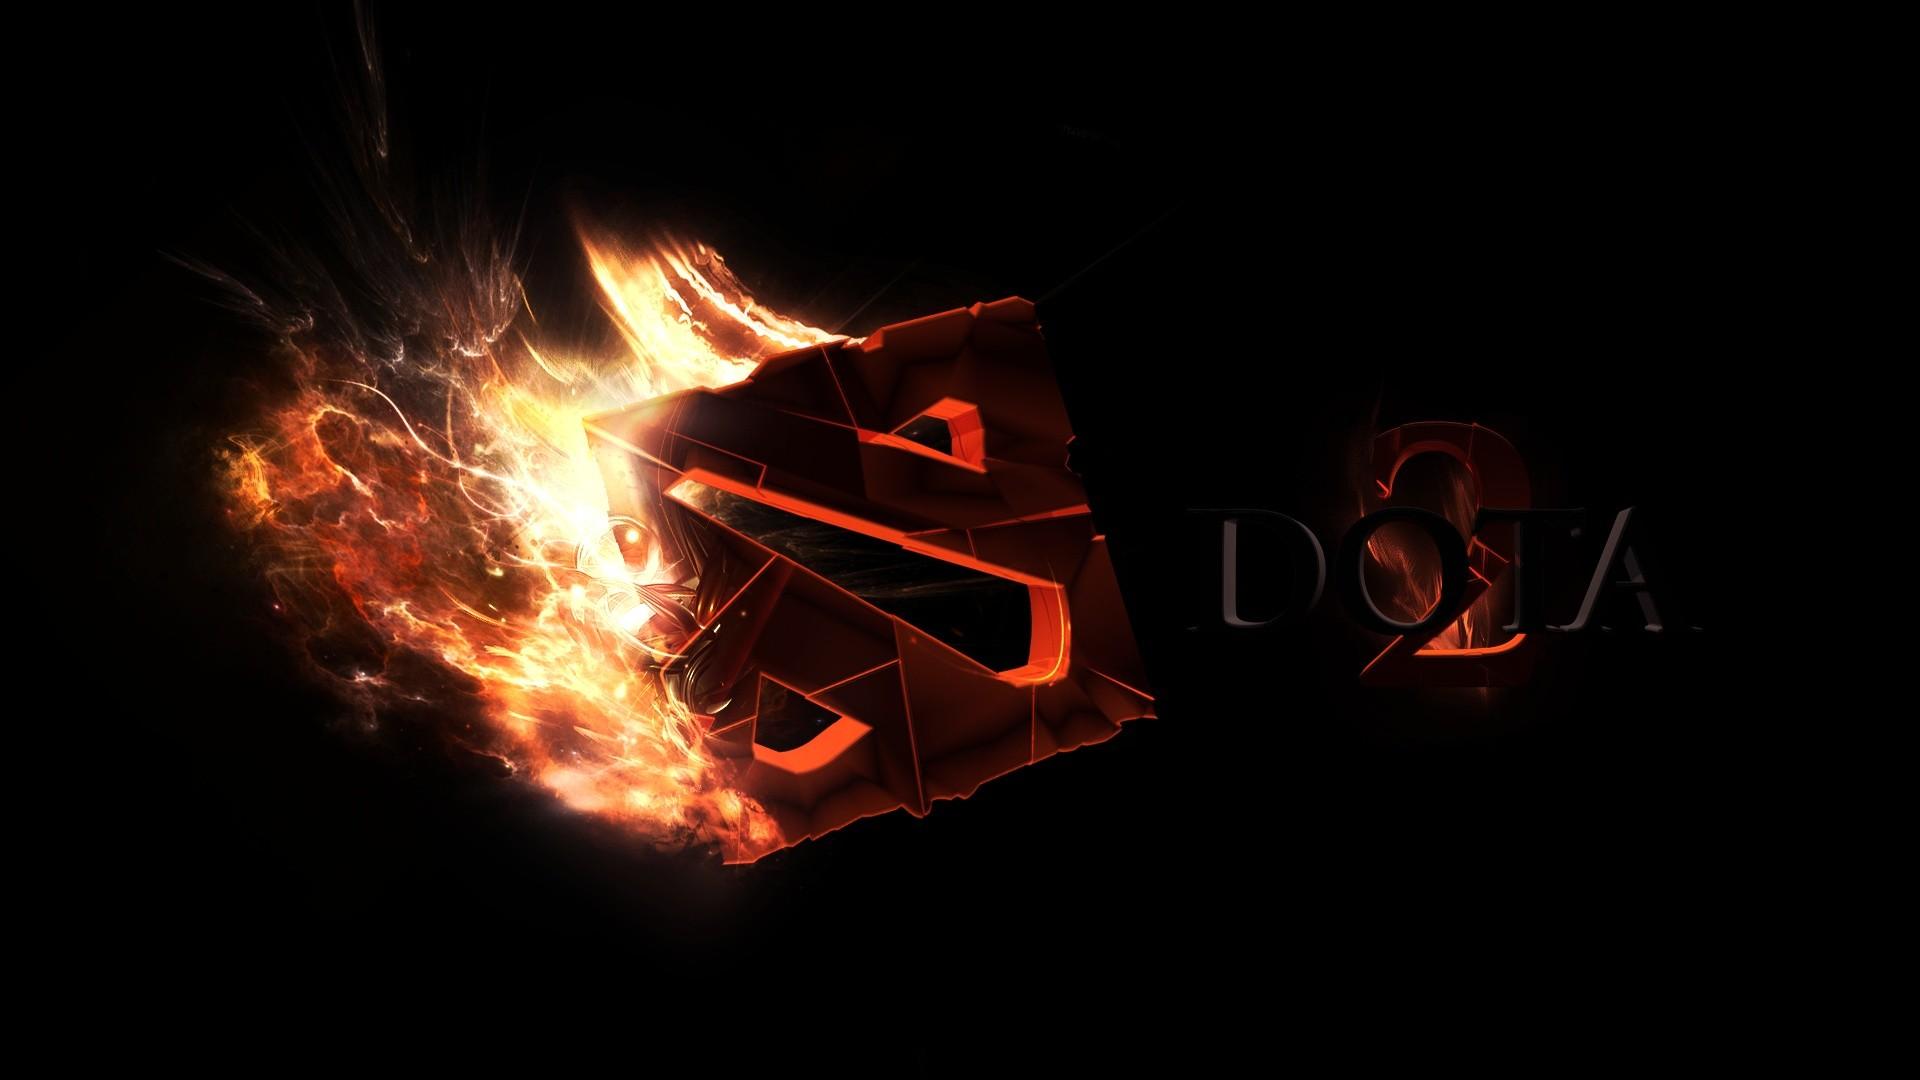 Preview wallpaper dota 2, art, logo, fire 1920×1080